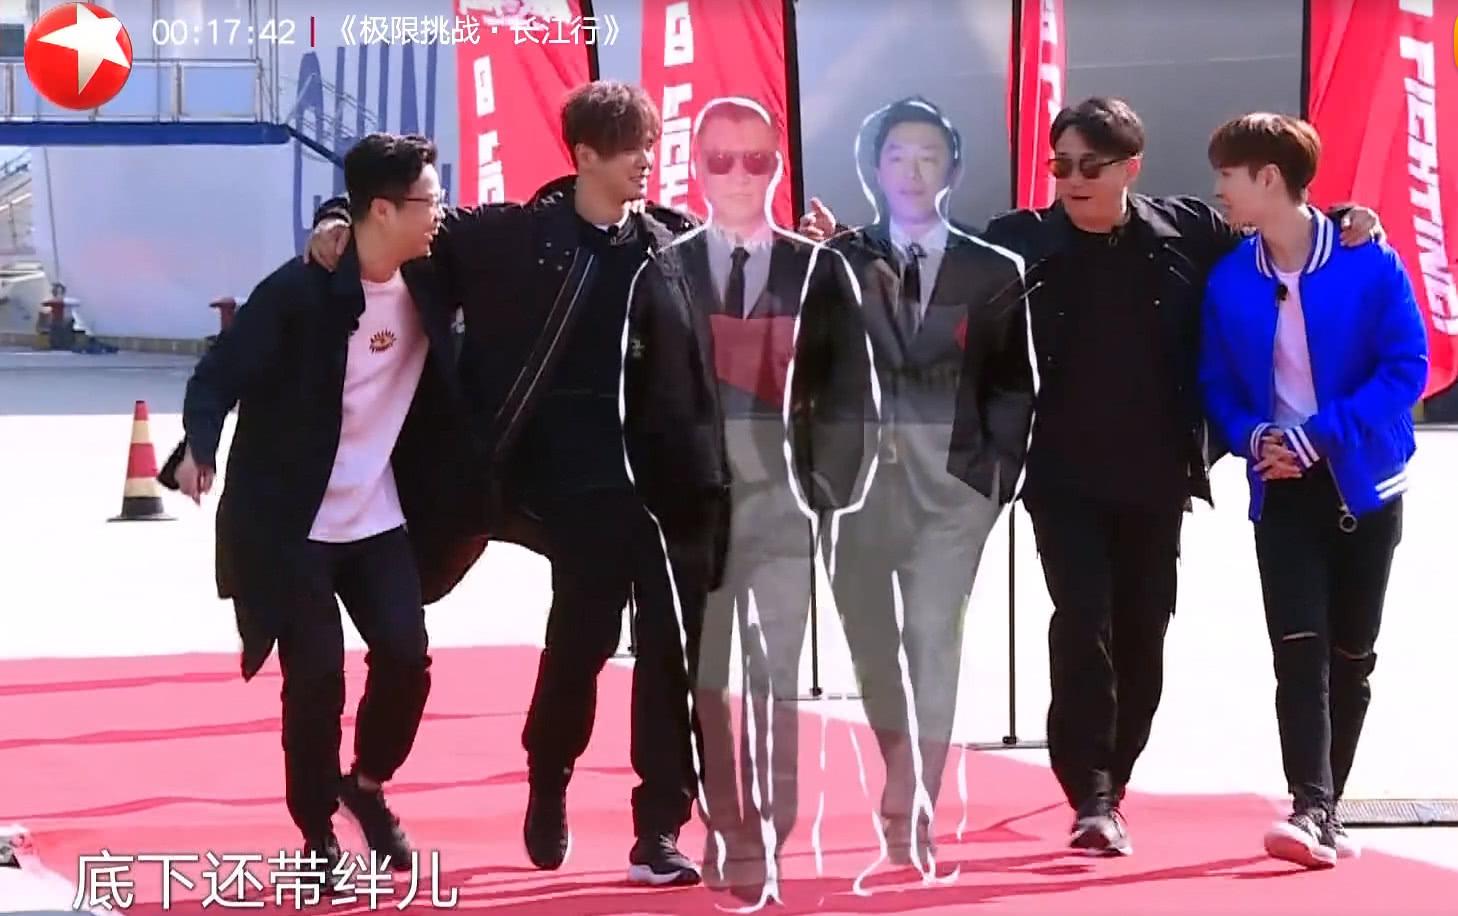 感情淡了?王迅微博晒演出照,男人帮在线互动,只有他没有参与!